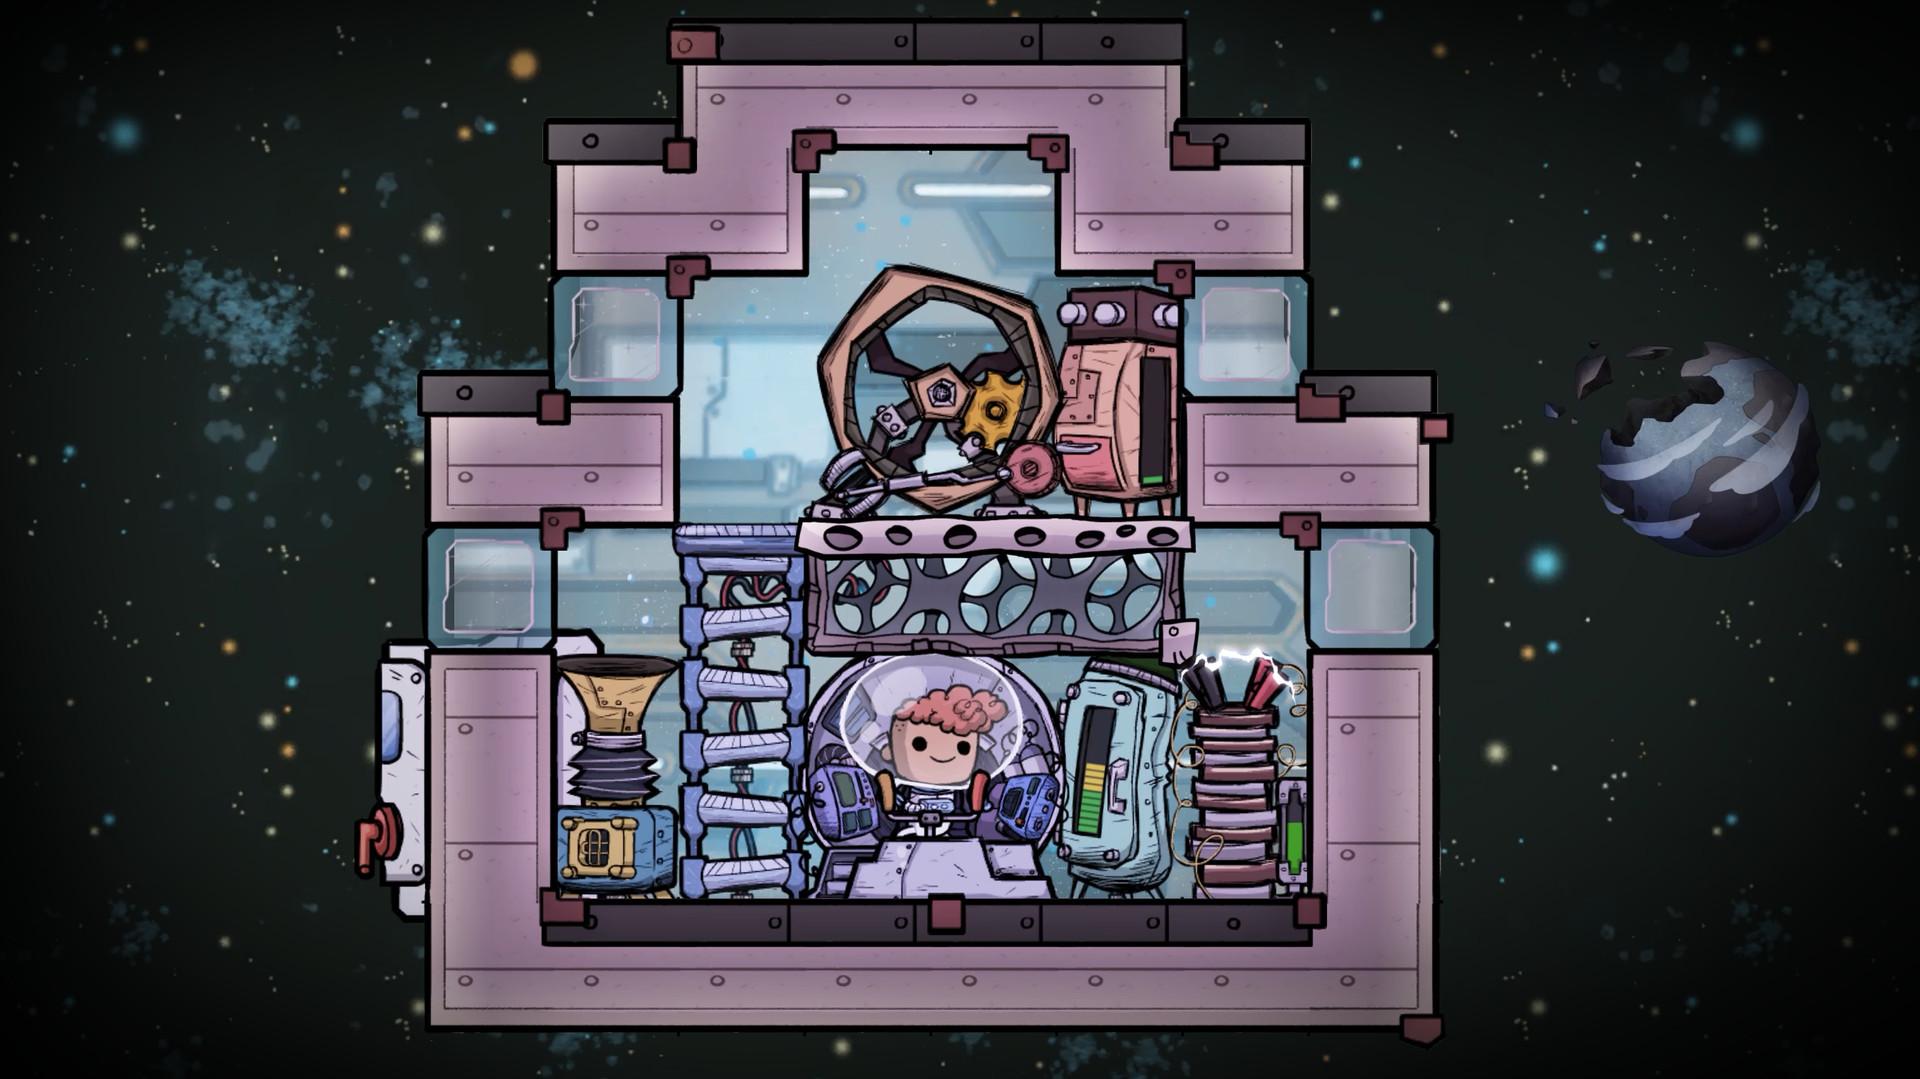 《缺氧》新DLC眼冒金星正式推出 更多内容制作中